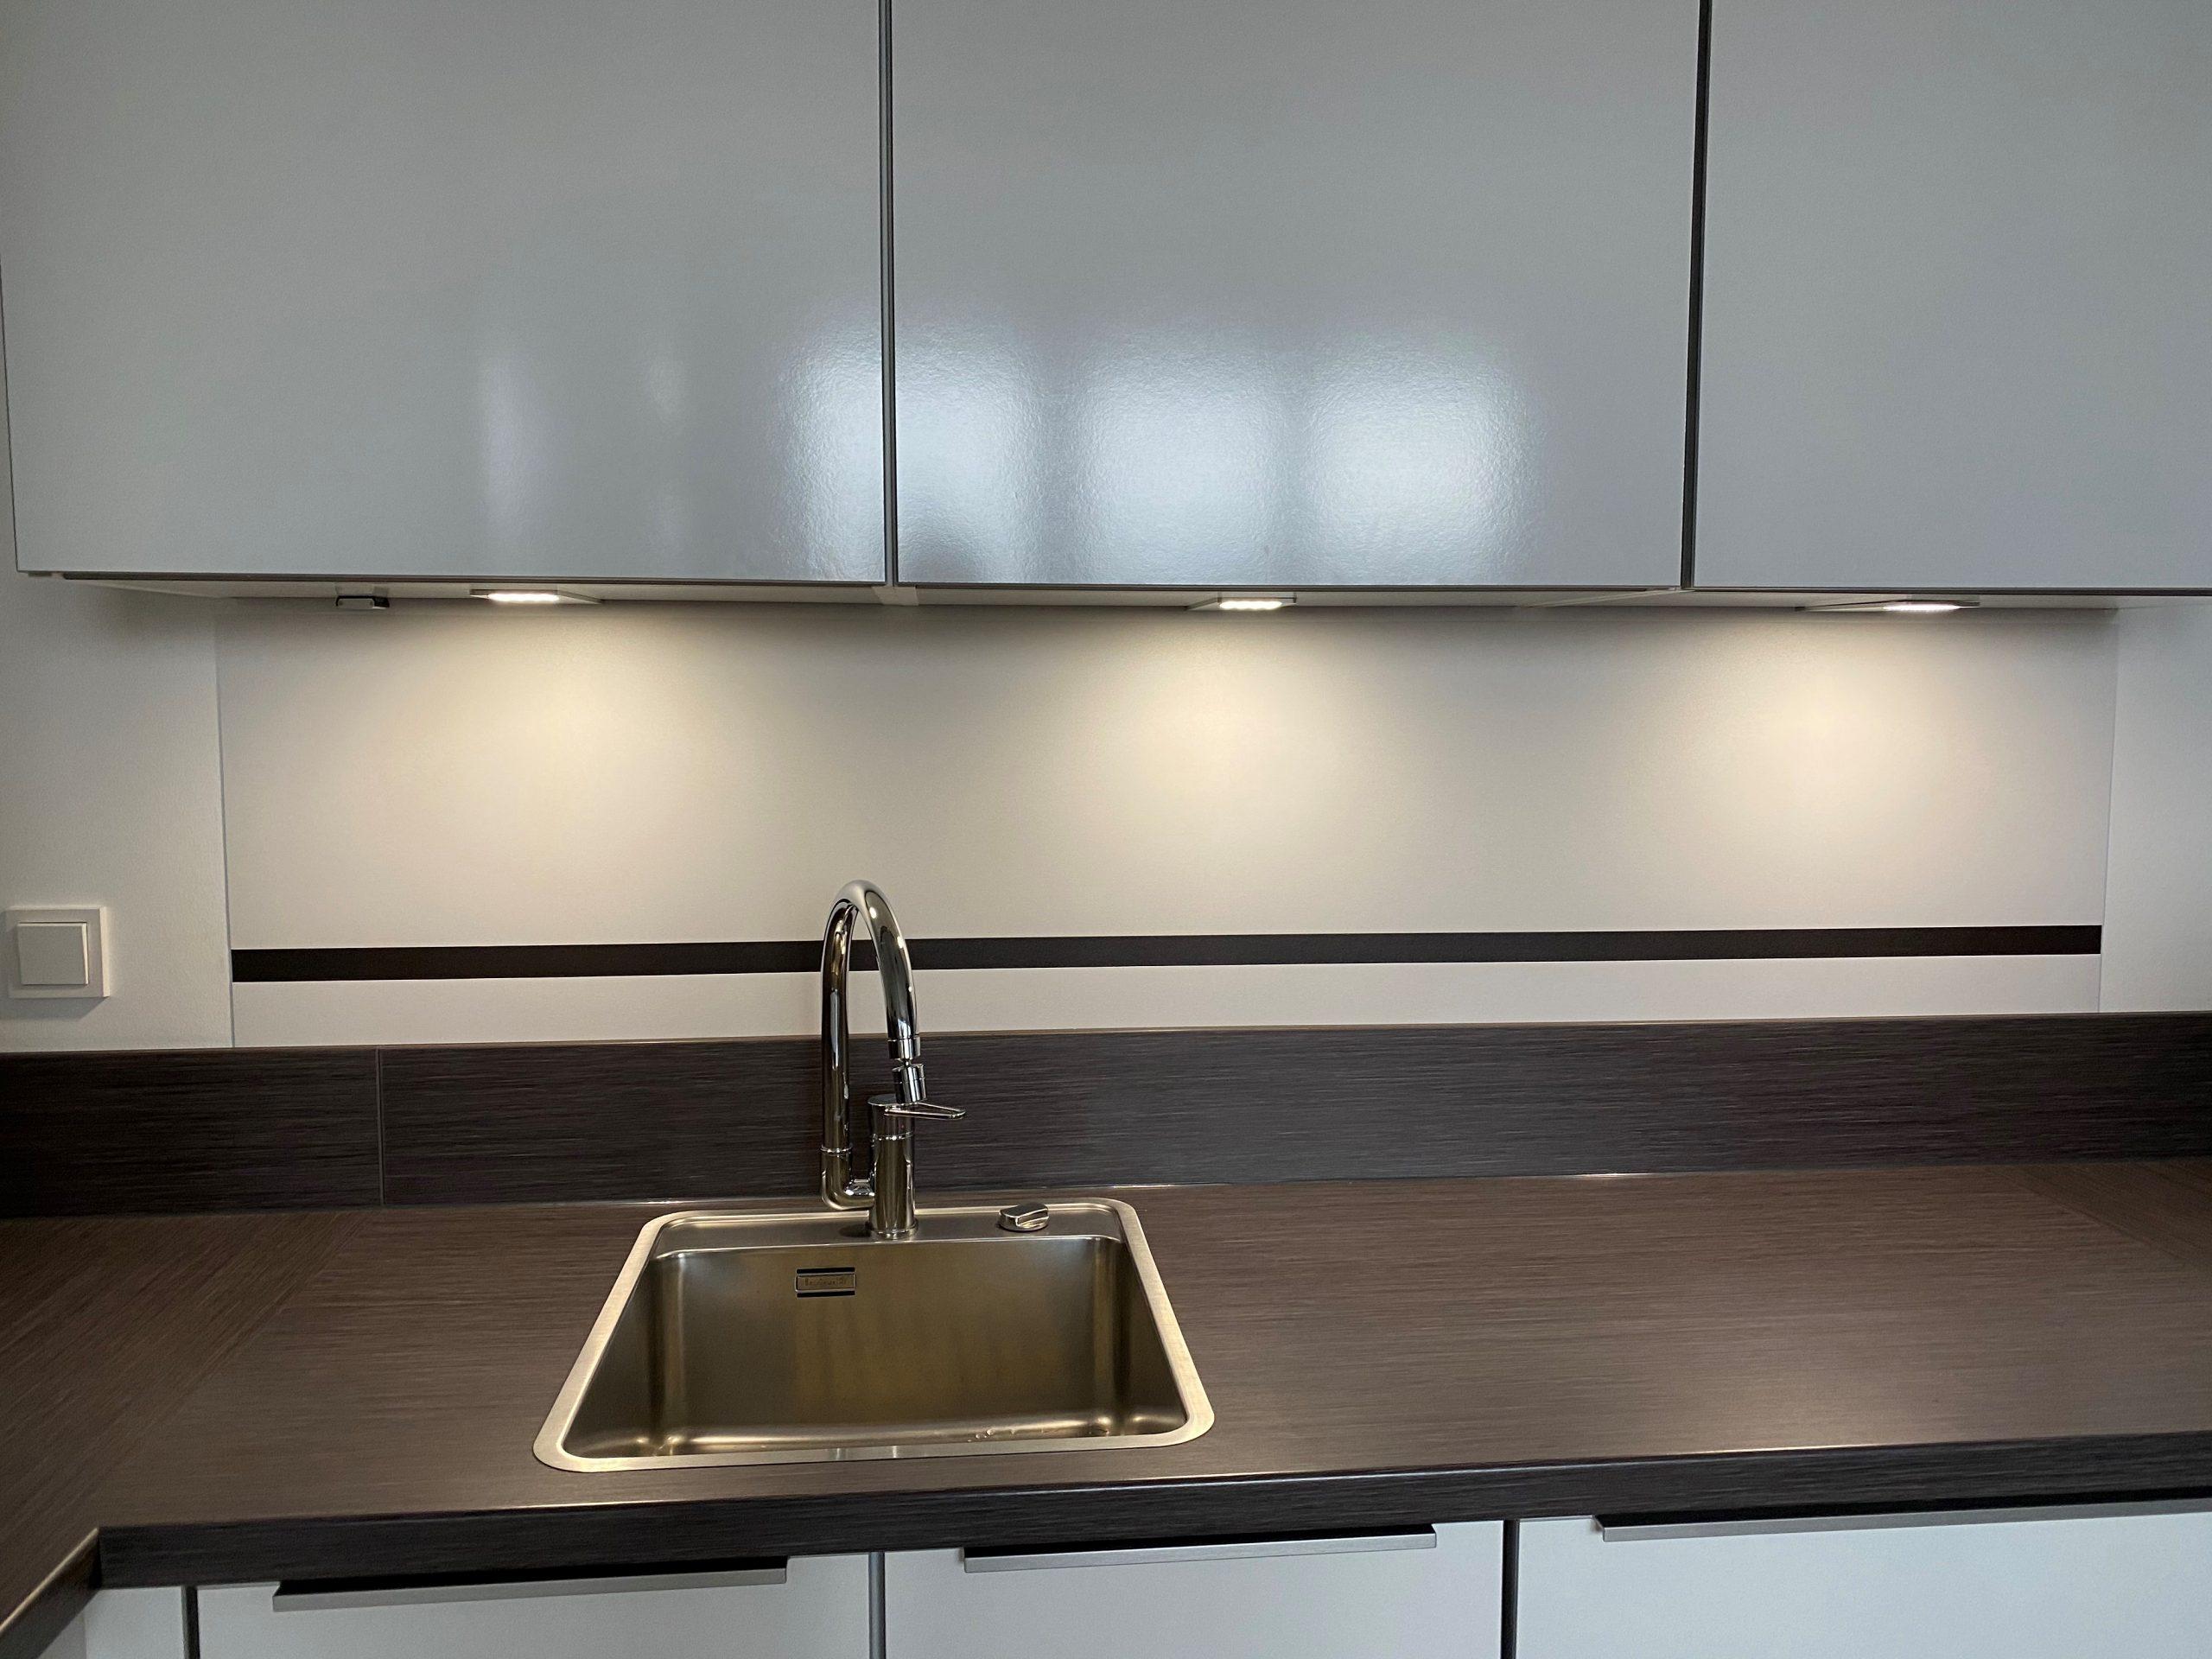 Full Size of Küche Fliesenspiegel Neu Gestalten Glasplatte Küche Fliesenspiegel Küche Fliesenspiegel Erneuern Küche Fliesenspiegel Aufkleber Küche Küche Fliesenspiegel